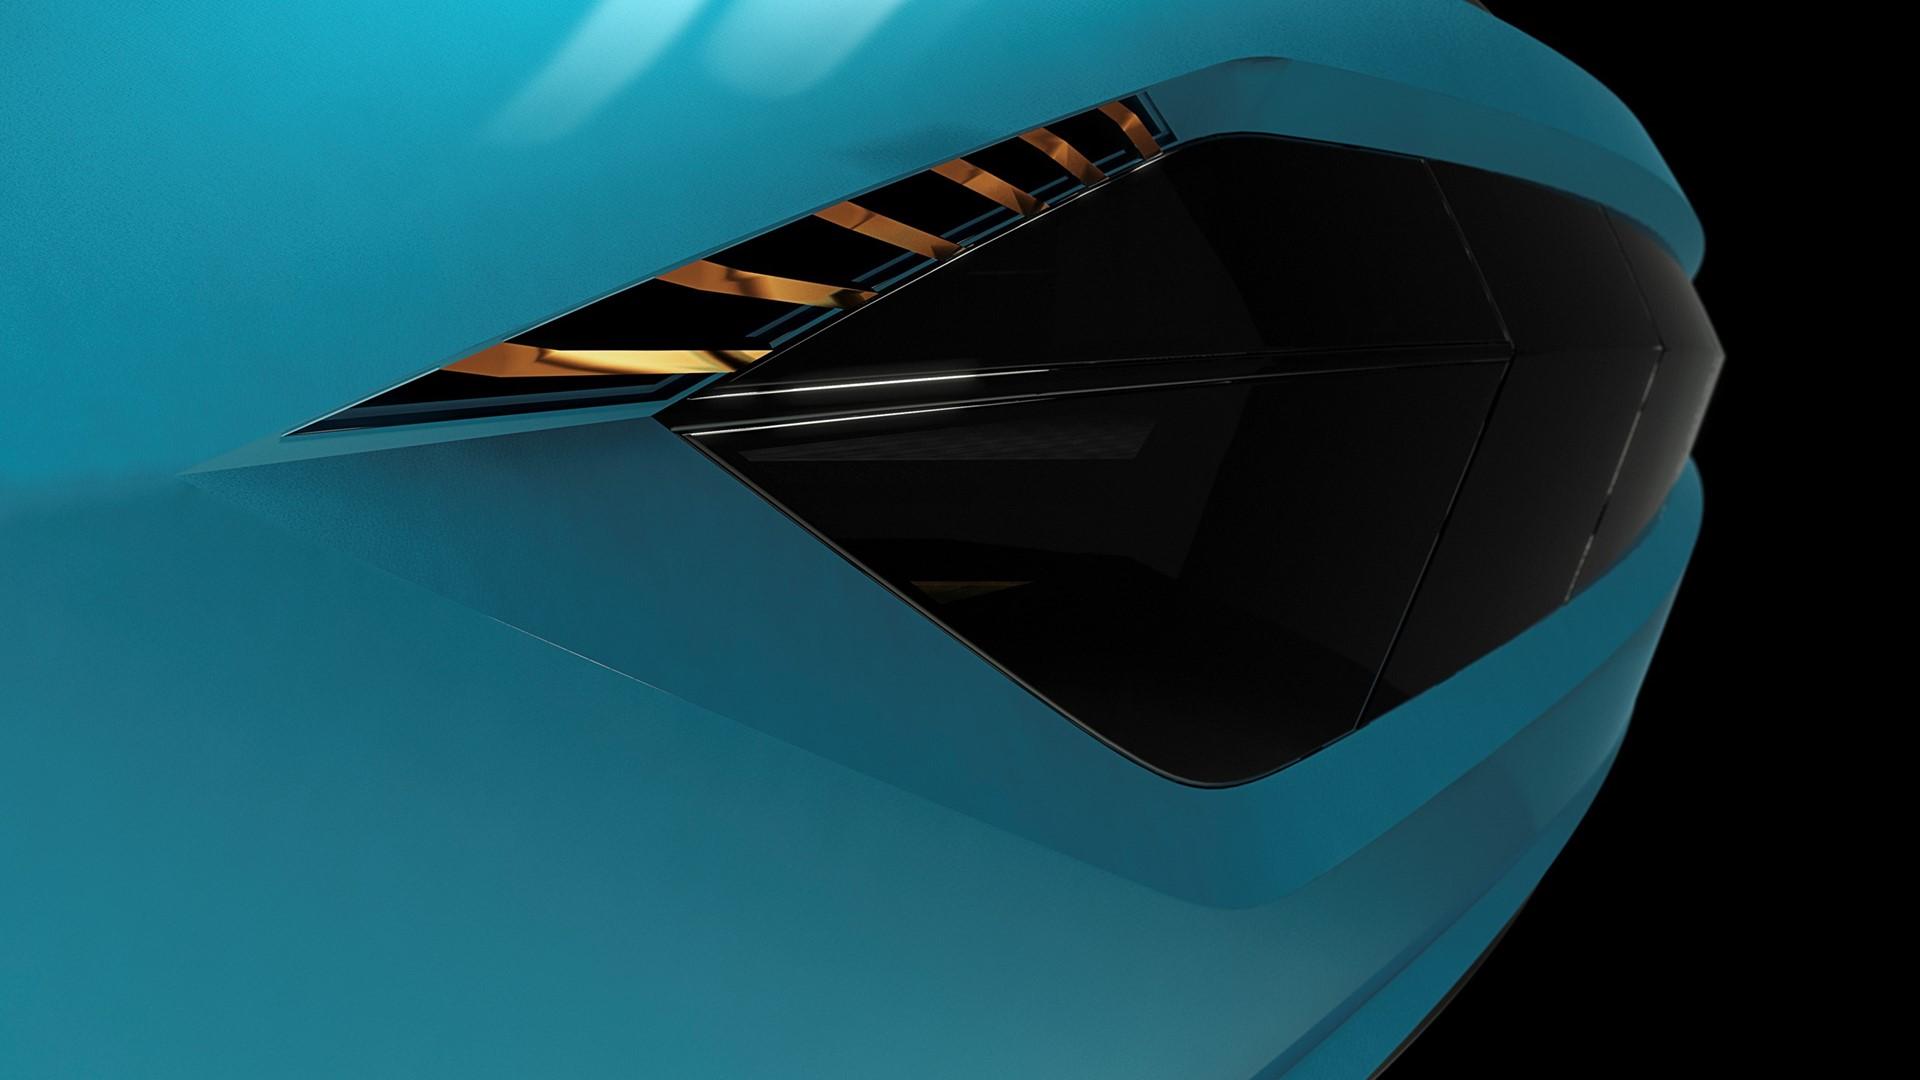 Automobili Lamborghini and The Italian Sea Group unveil the motor yacht 'Tecnomar for Lamborghini 63' - Image 2